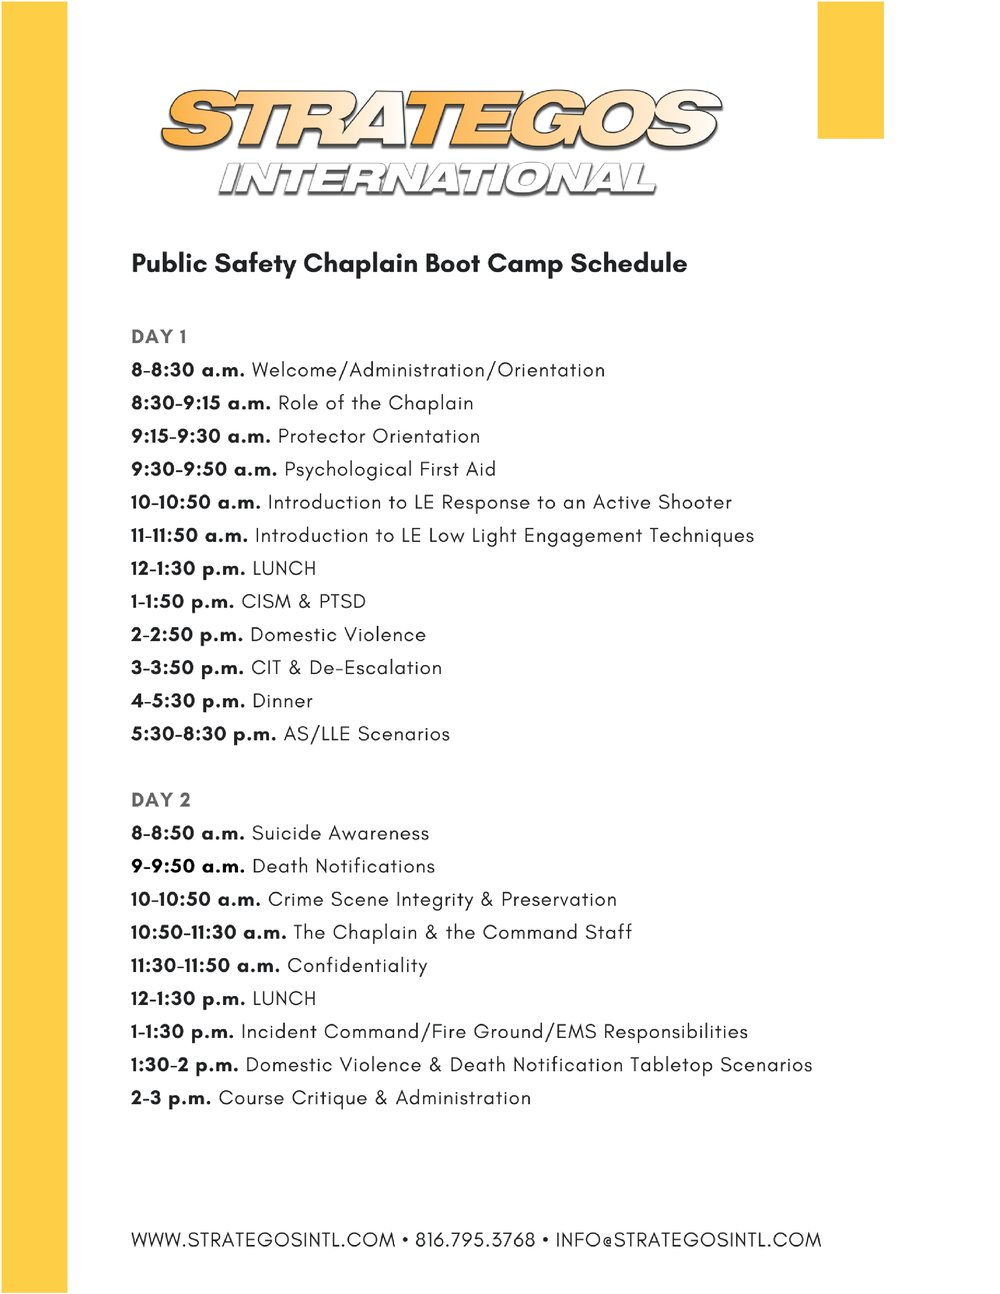 Public Safety Boot Camp Schedule.jpg